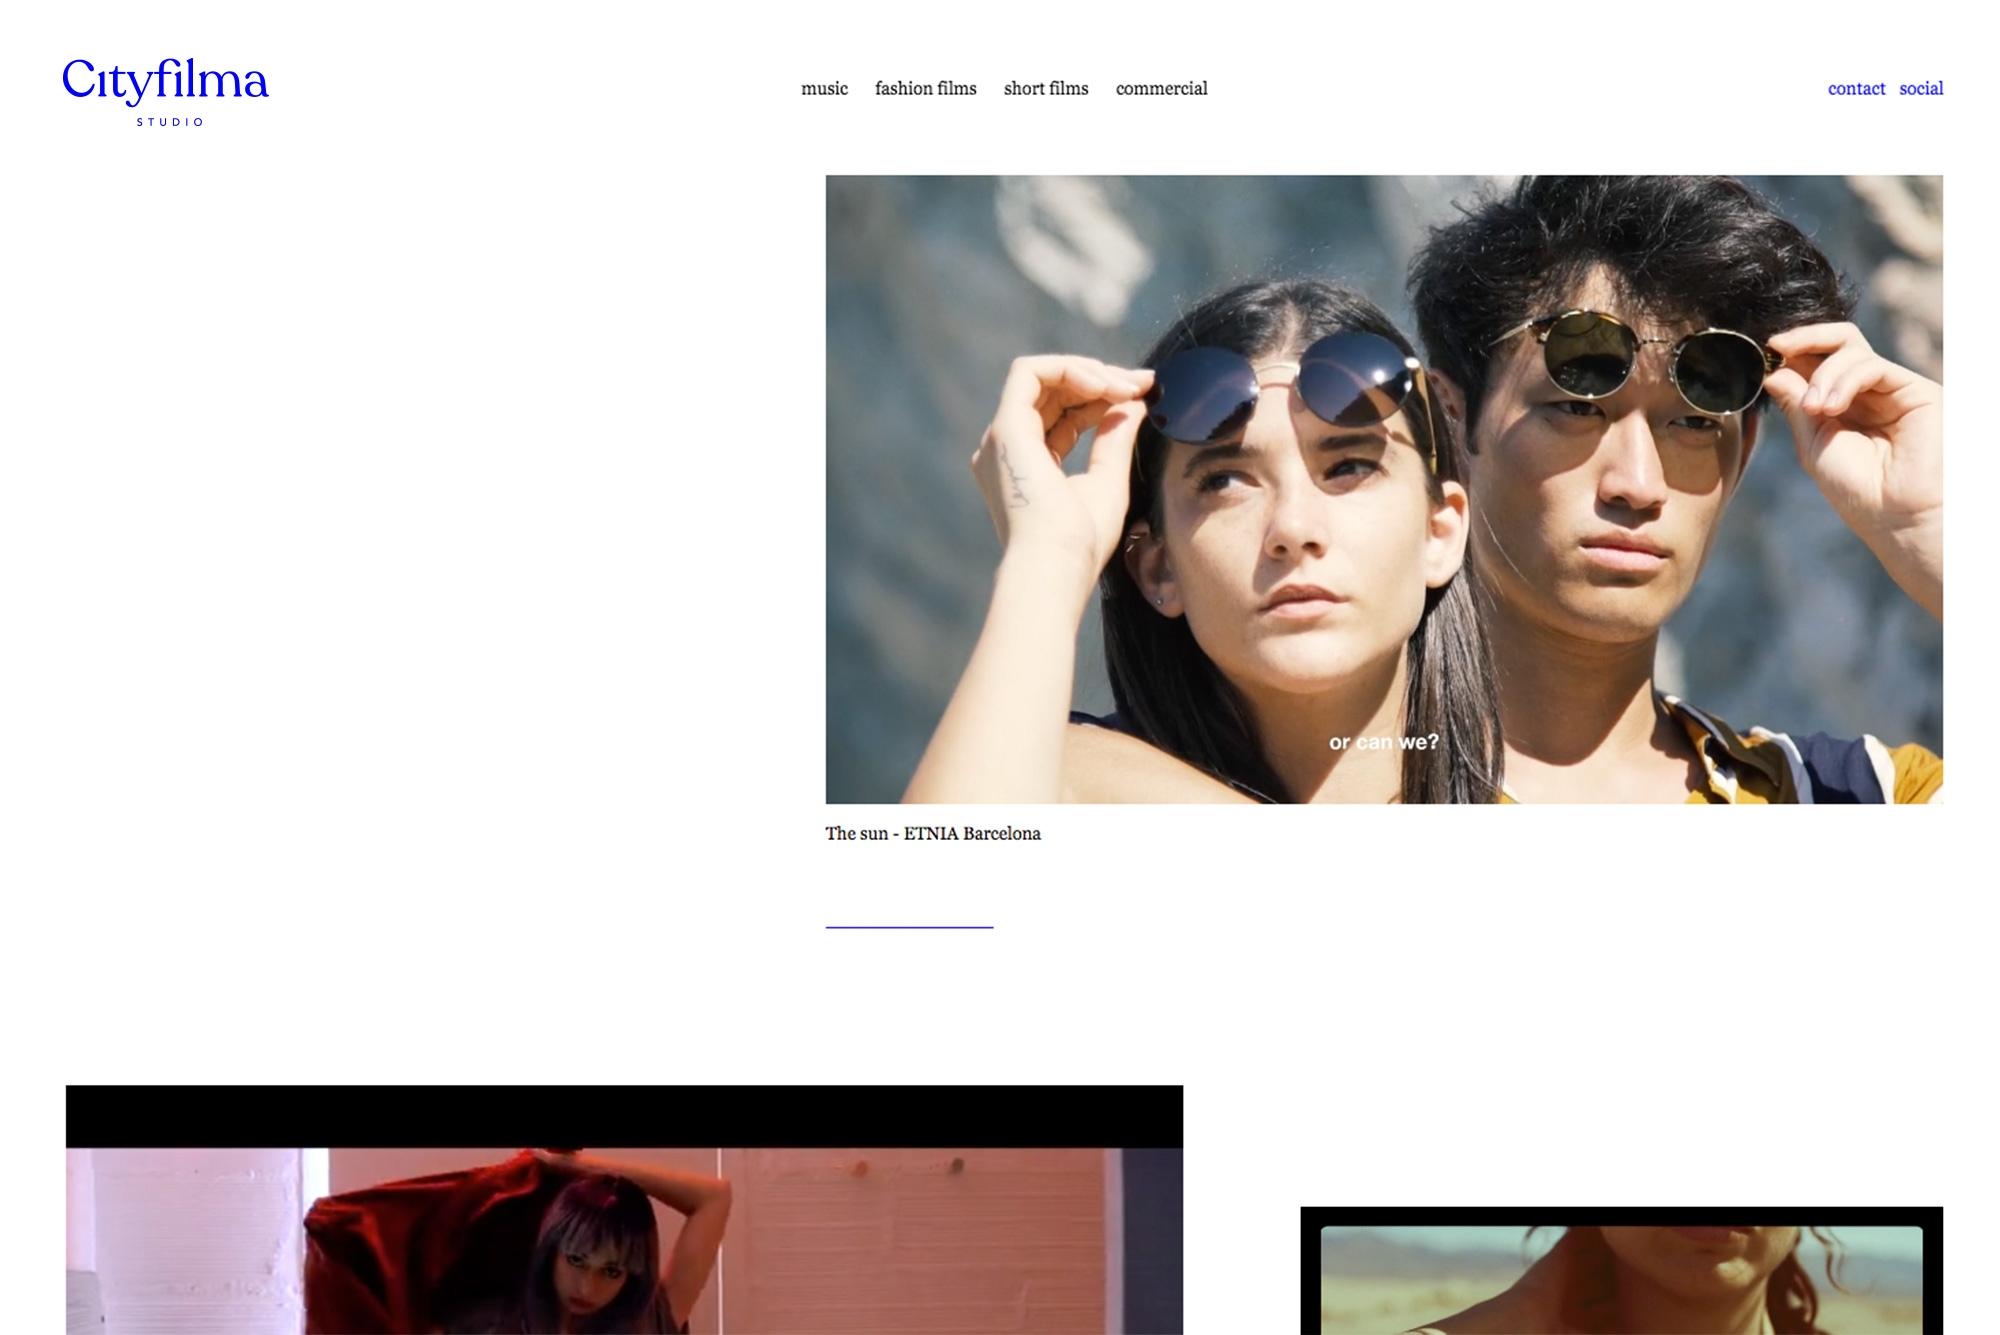 diseño web identidad estudio foto